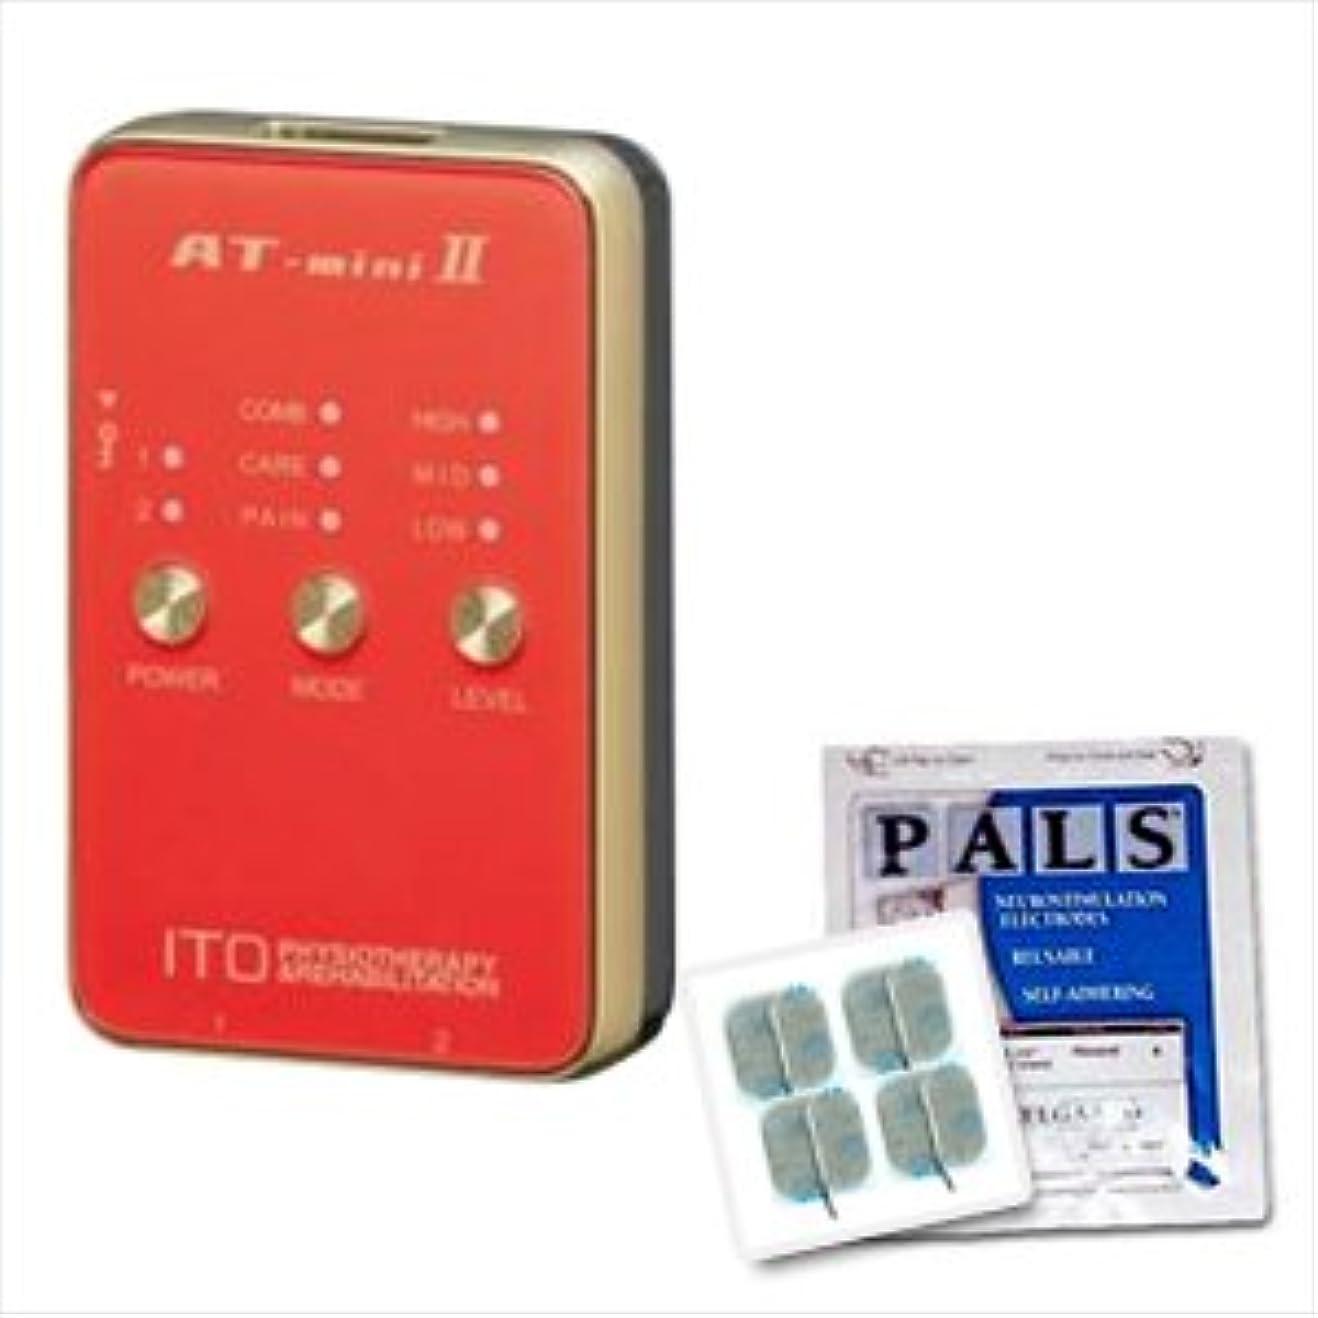 コンテンポラリーリハーサル物思いにふける低周波治療器 AT-mini II オレンジ +アクセルガードMサイズ(5x5cm:1袋4枚入)セット